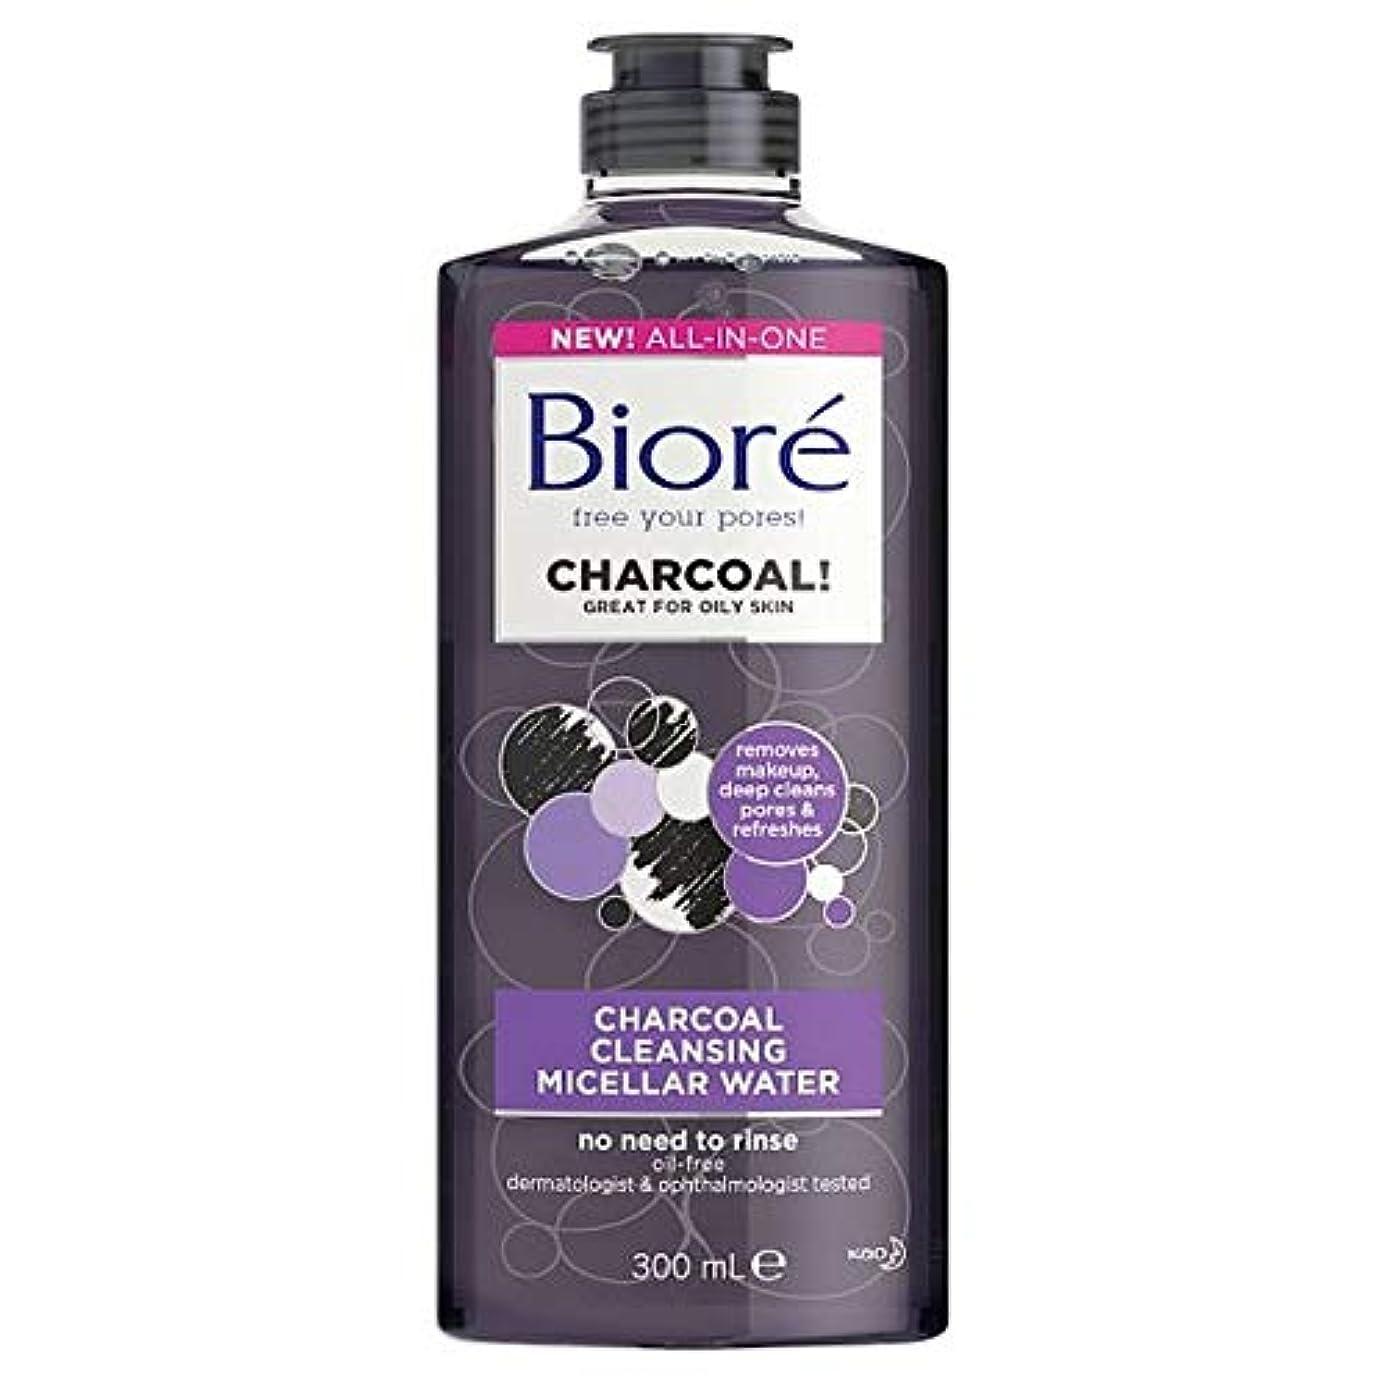 計画的眠る剪断[Biore] ビオレ炭ミセル水300ミリリットル - Biore Charcoal Micellar Water 300Ml [並行輸入品]